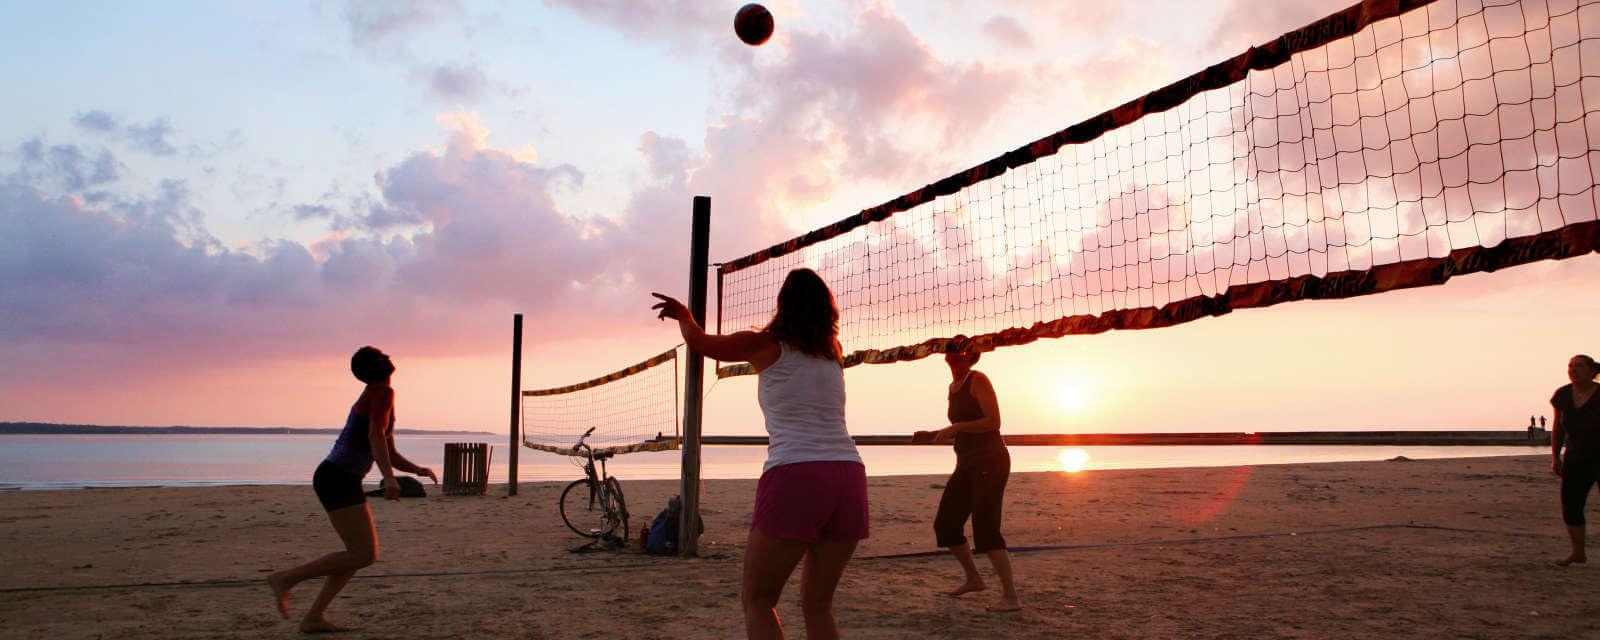 Świnoujście. Zapraszamy do udziału w turnieju siatkówki plażowej w dniu 11.08.2019 r.